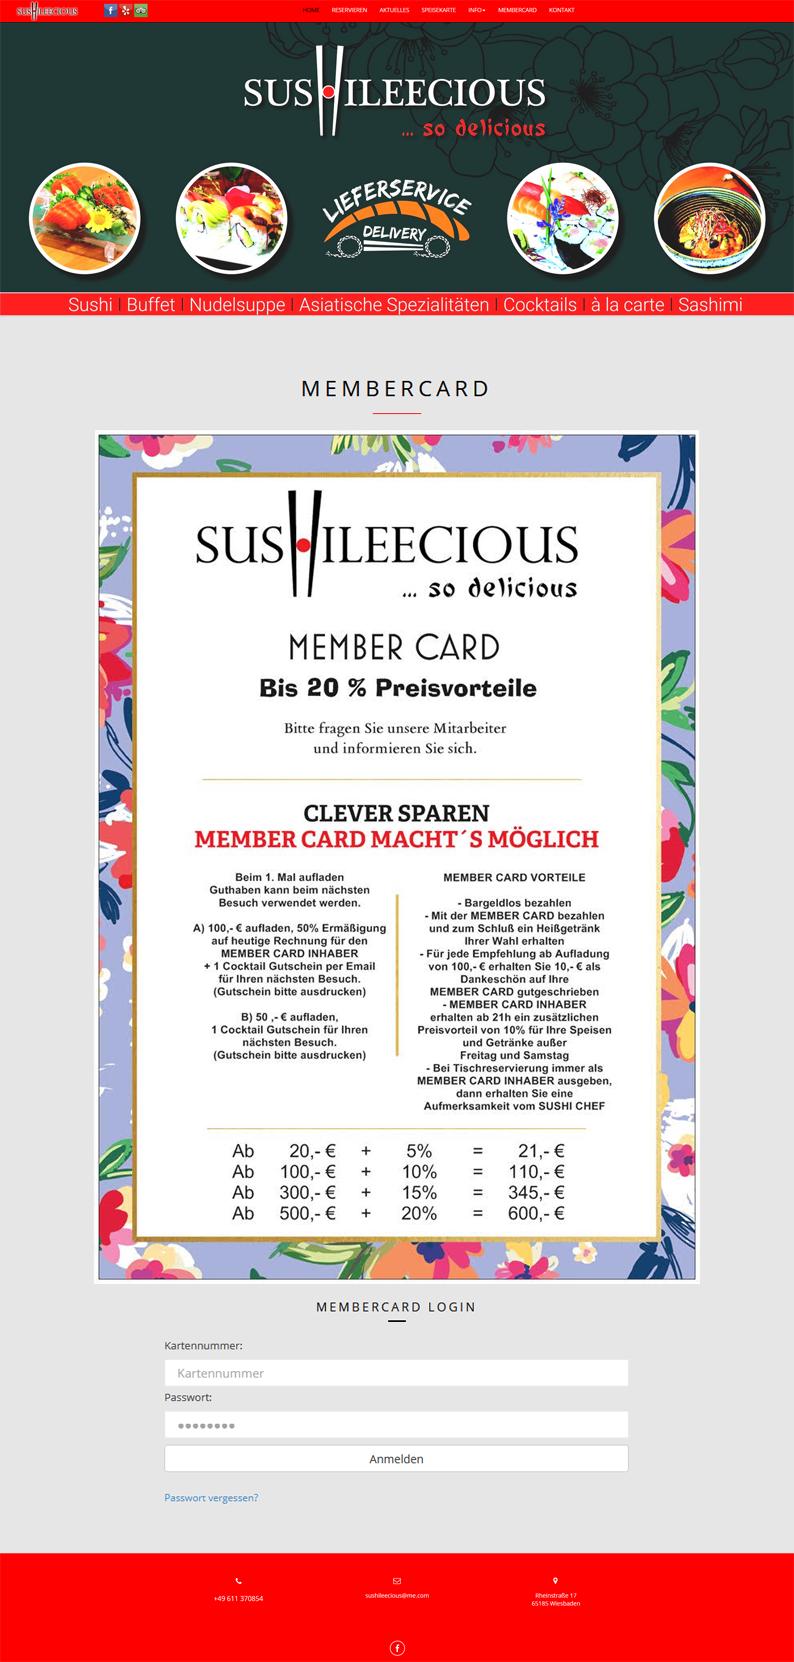 Die Kundenkarte/Bonuskarte auf der Webseite vom Restaurant SushiLeeCious